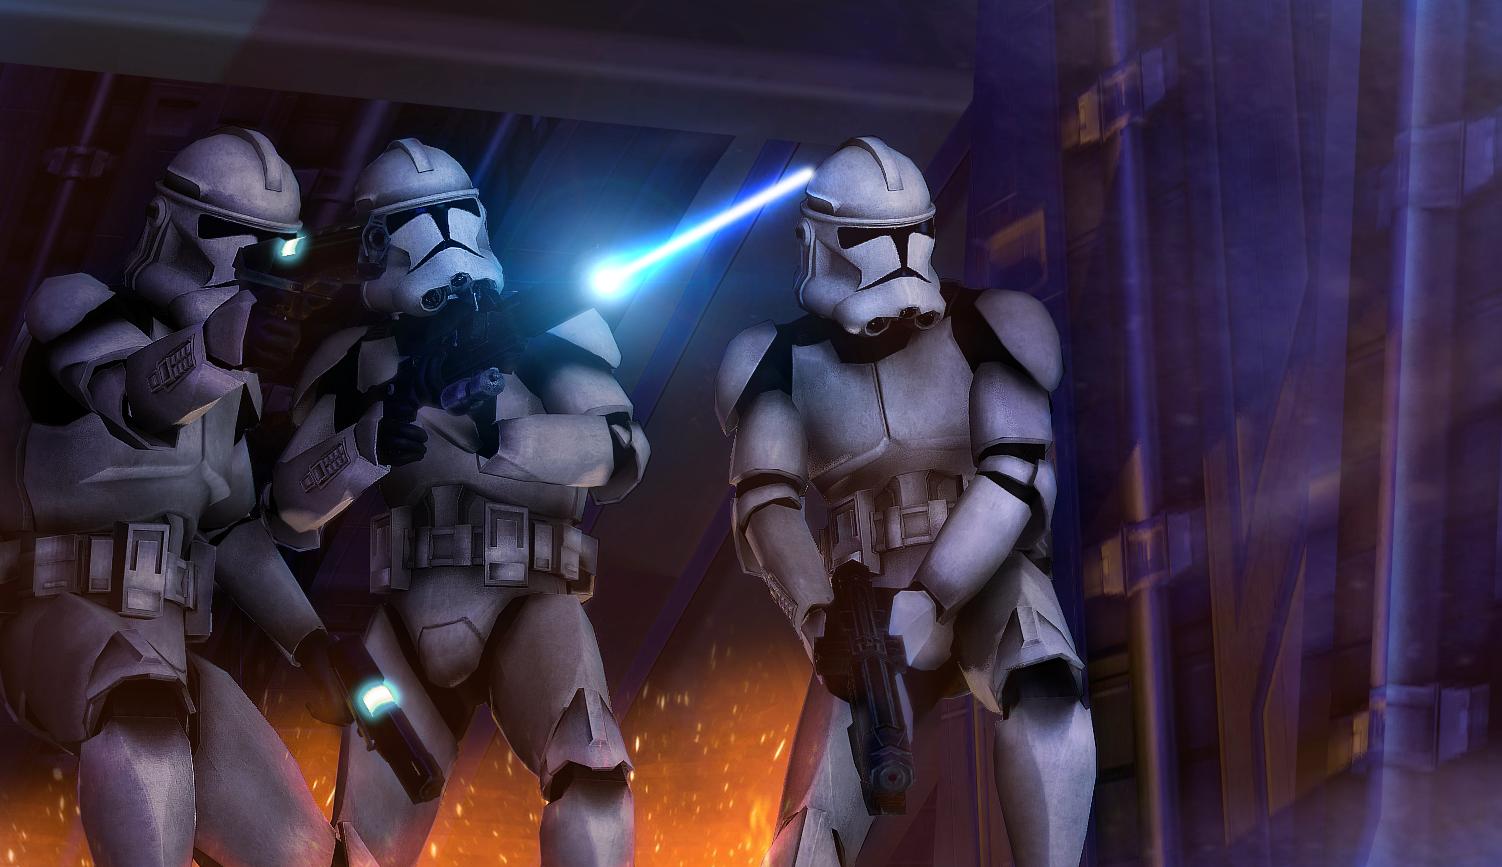 Clone Trooper Boarding Party By Lordofcombine On Deviantart Star Wars Pictures Star Wars Wallpaper Star Wars Art